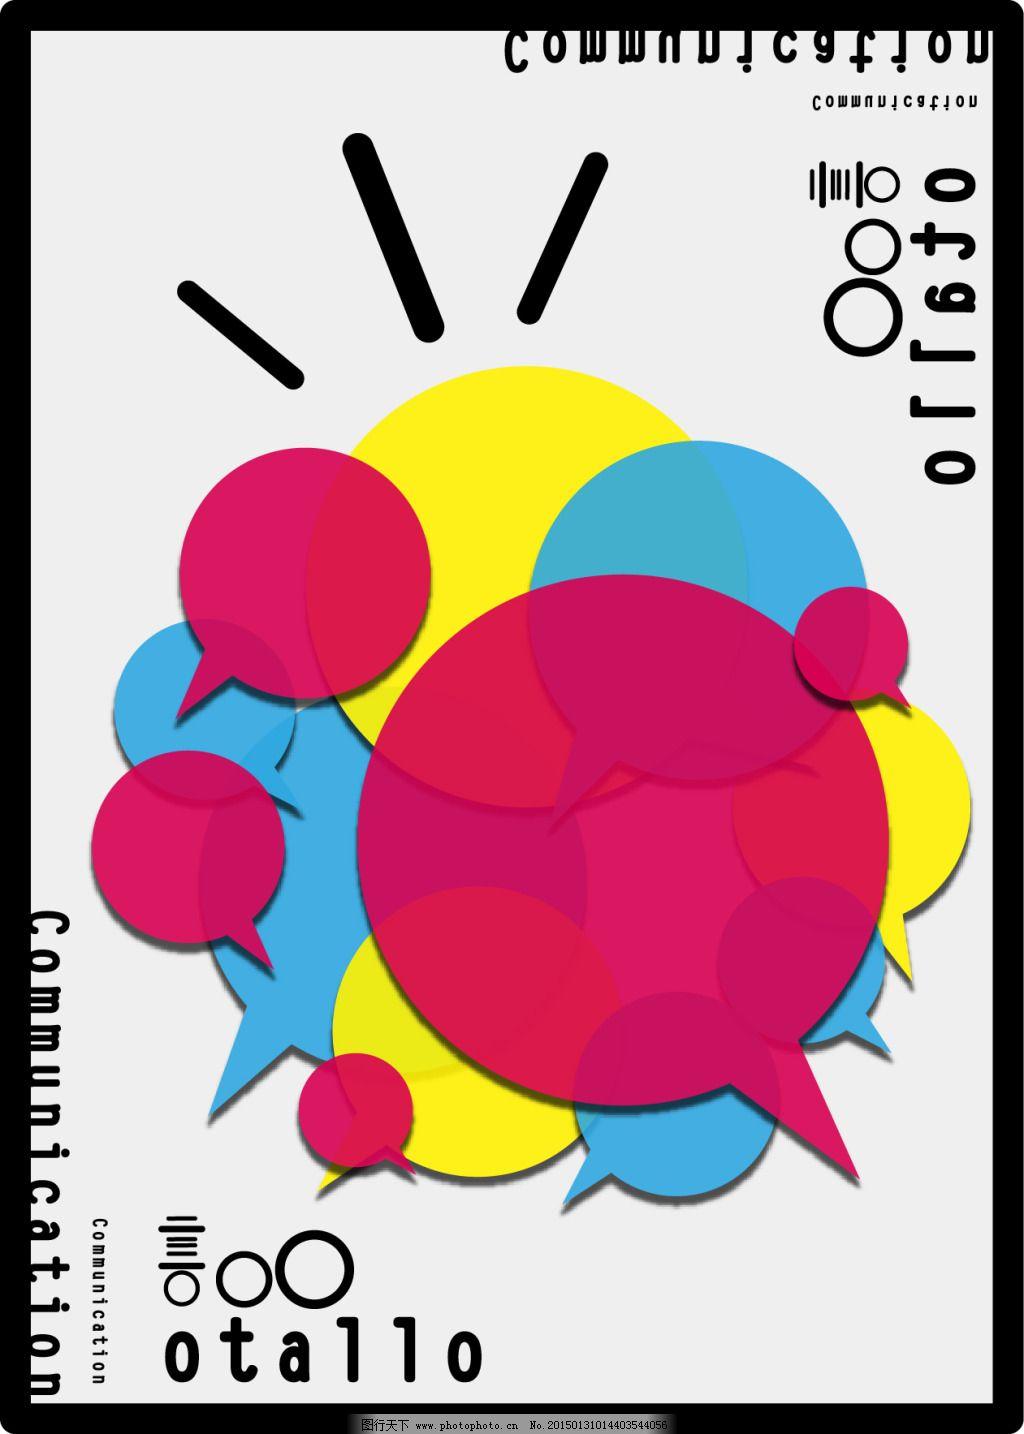 公益海报免费下载 公益 语言 交流沟通 语言 公益 海报 原创设计 原创